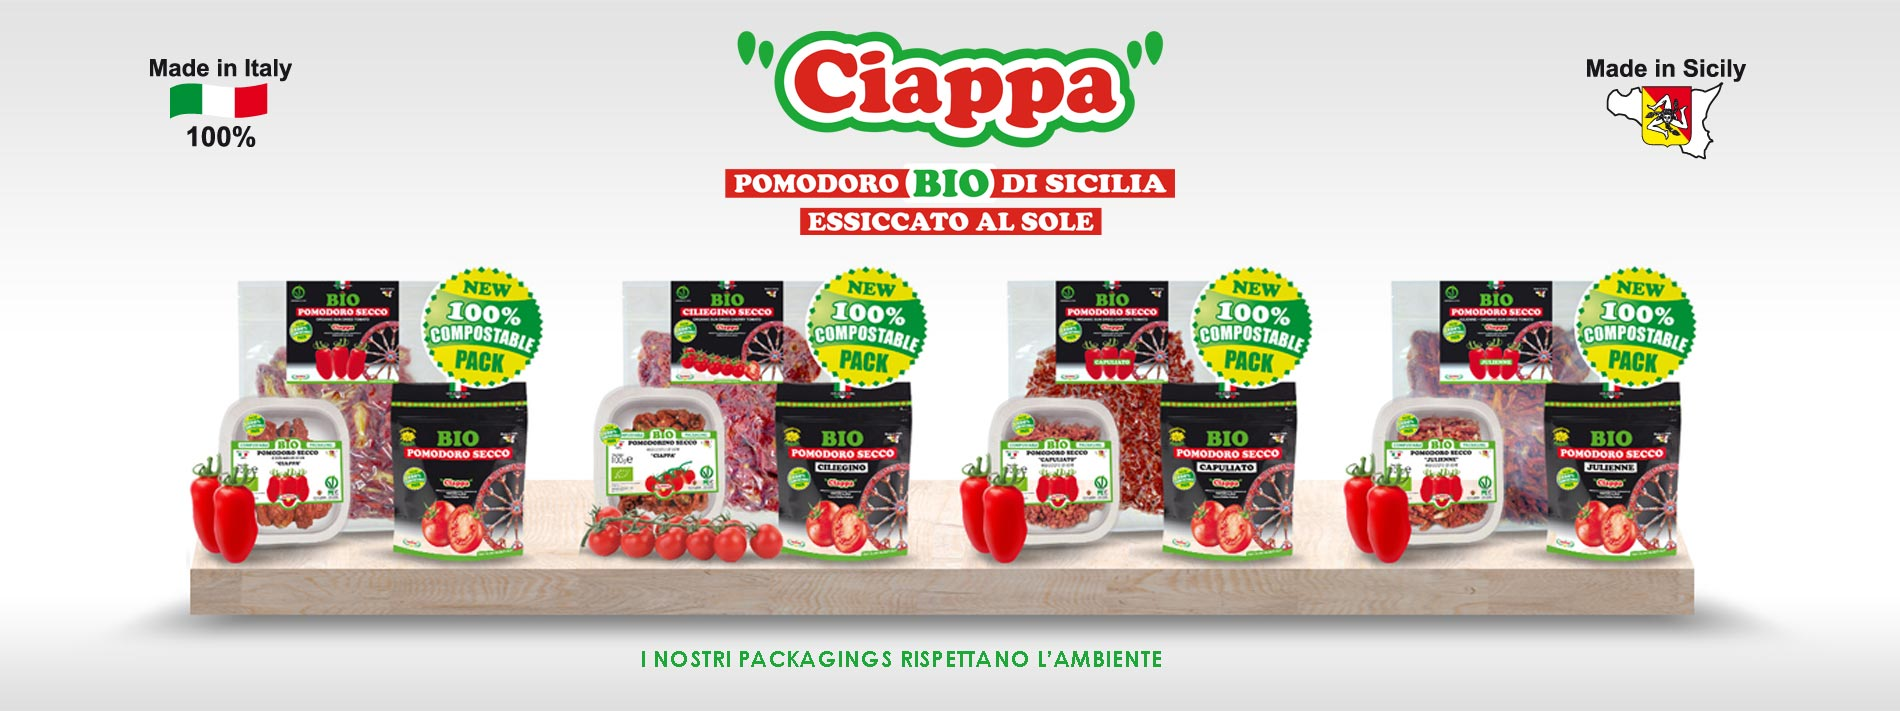 Pomodori BIO di Sicilia essiccati al Sole nelle nuove confezioni compostabili biodegradabili